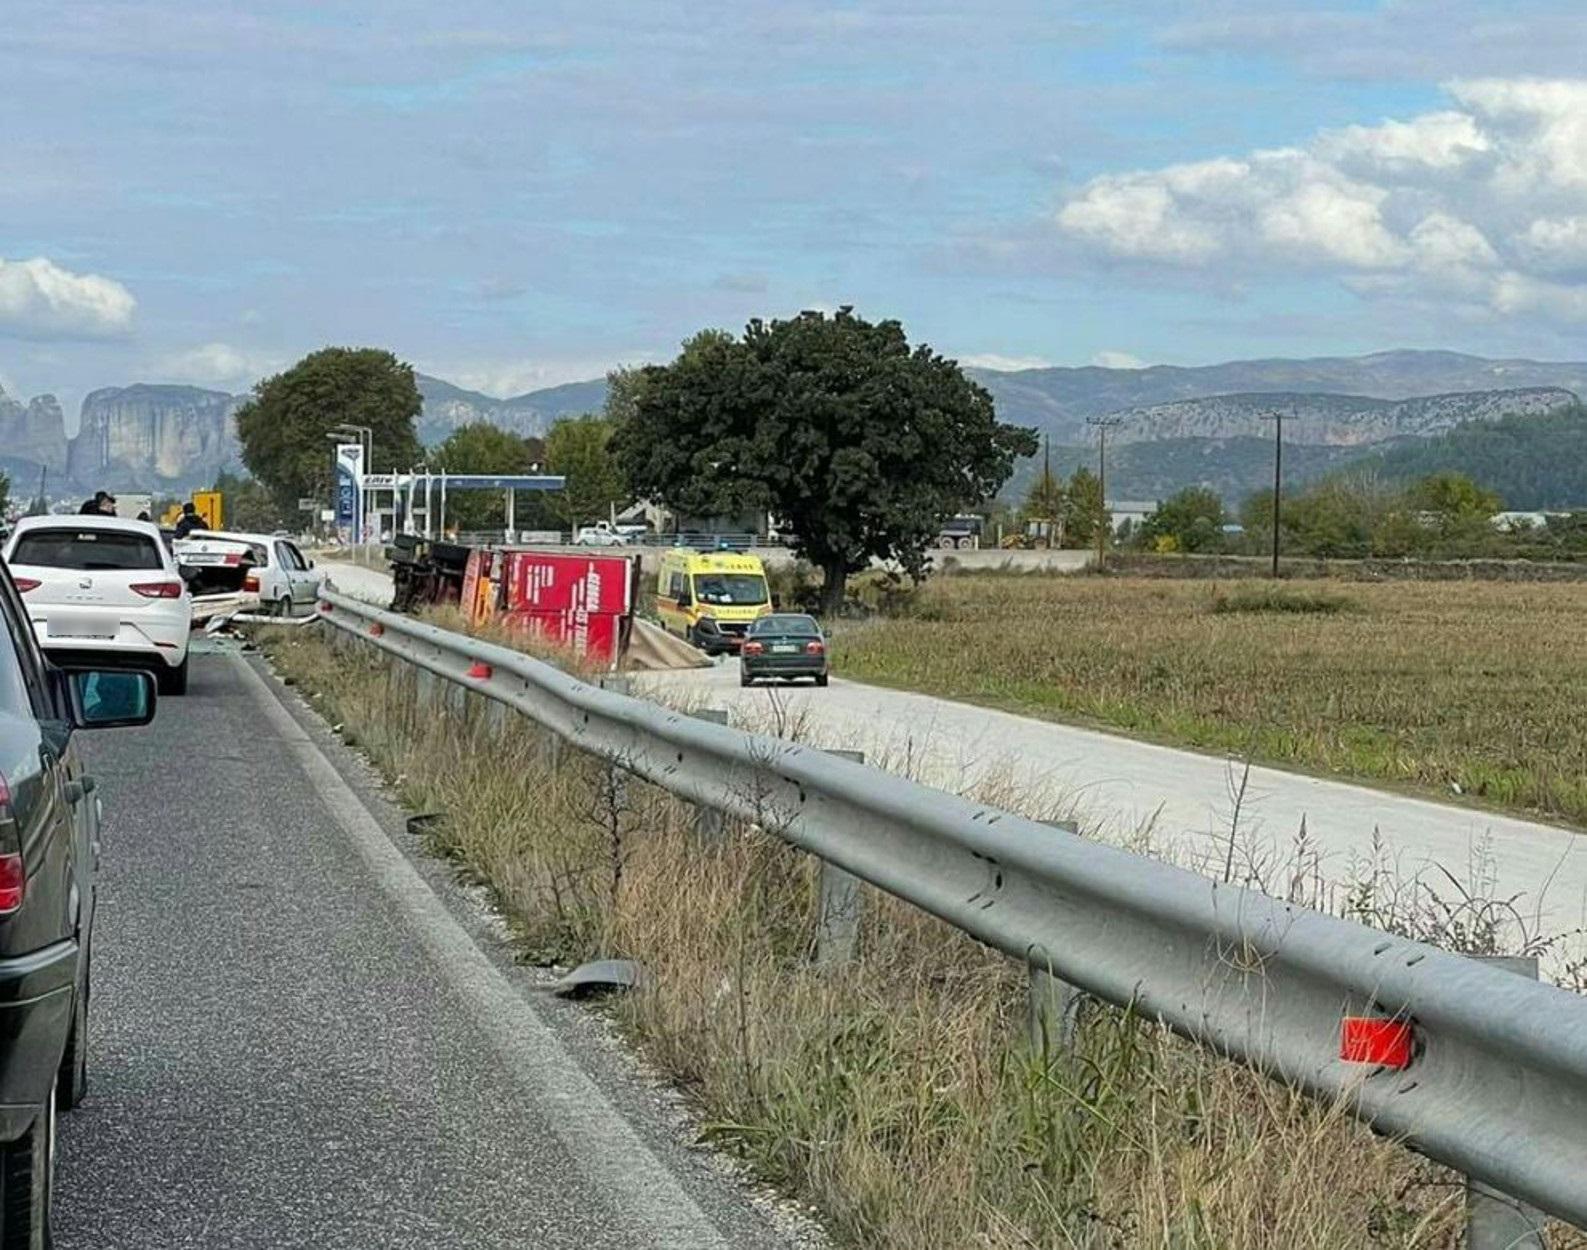 Σφοδρό τροχαίο στο δρόμο για Καλαμπάκα – Νταλίκα ντελαπάρισε και αυτοκίνητο έγινε σμπαράλια